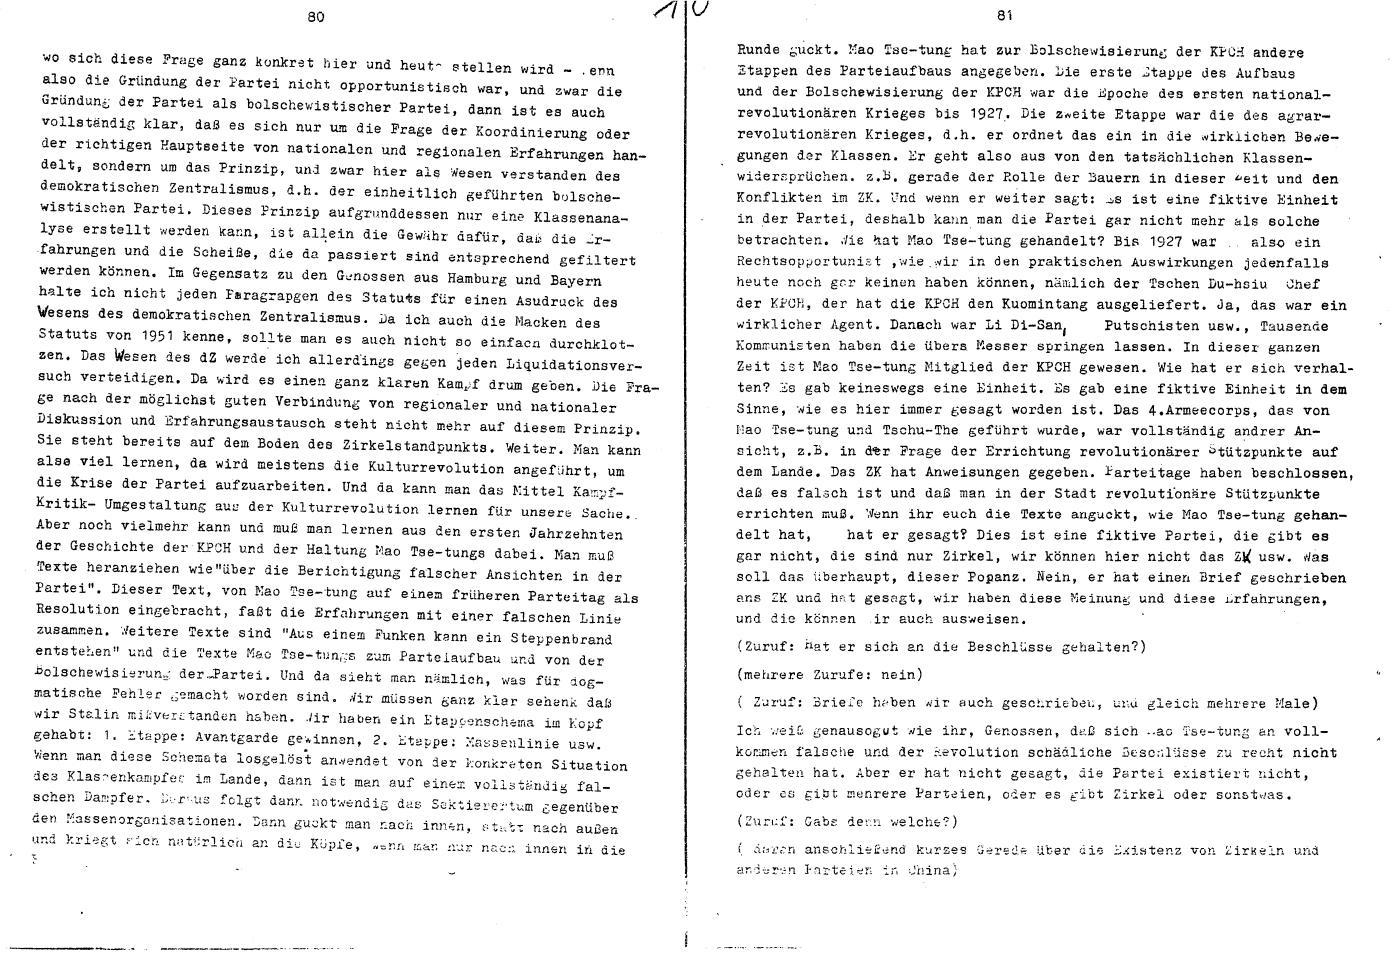 KPDML_1971_Wortprotokolle_aoPt_029